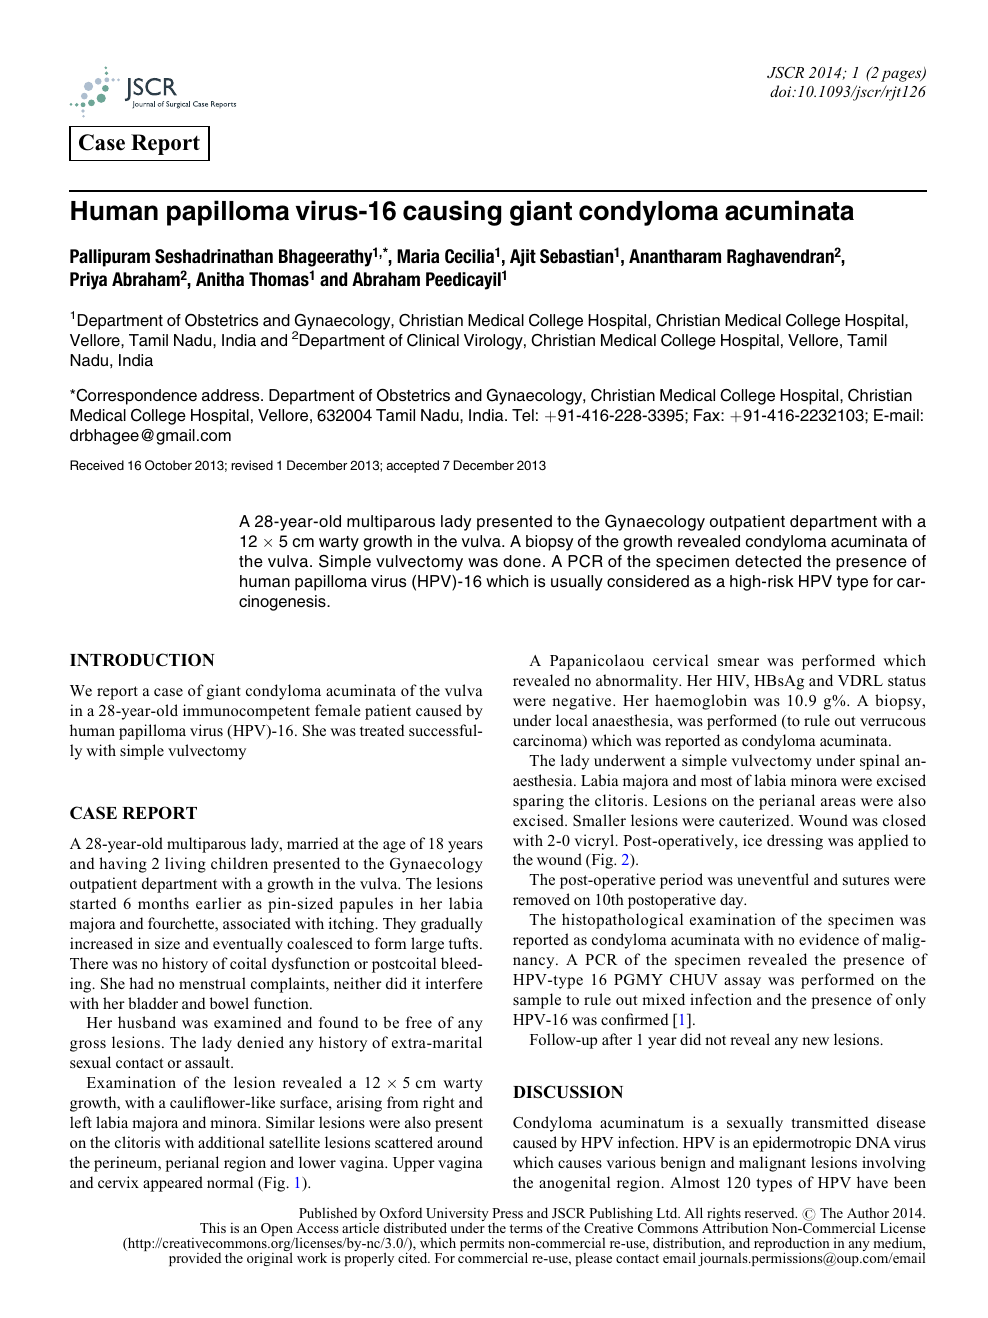 humán papillomavírus elleni vakcinareakciók rosszindulatú jóindulatú rák